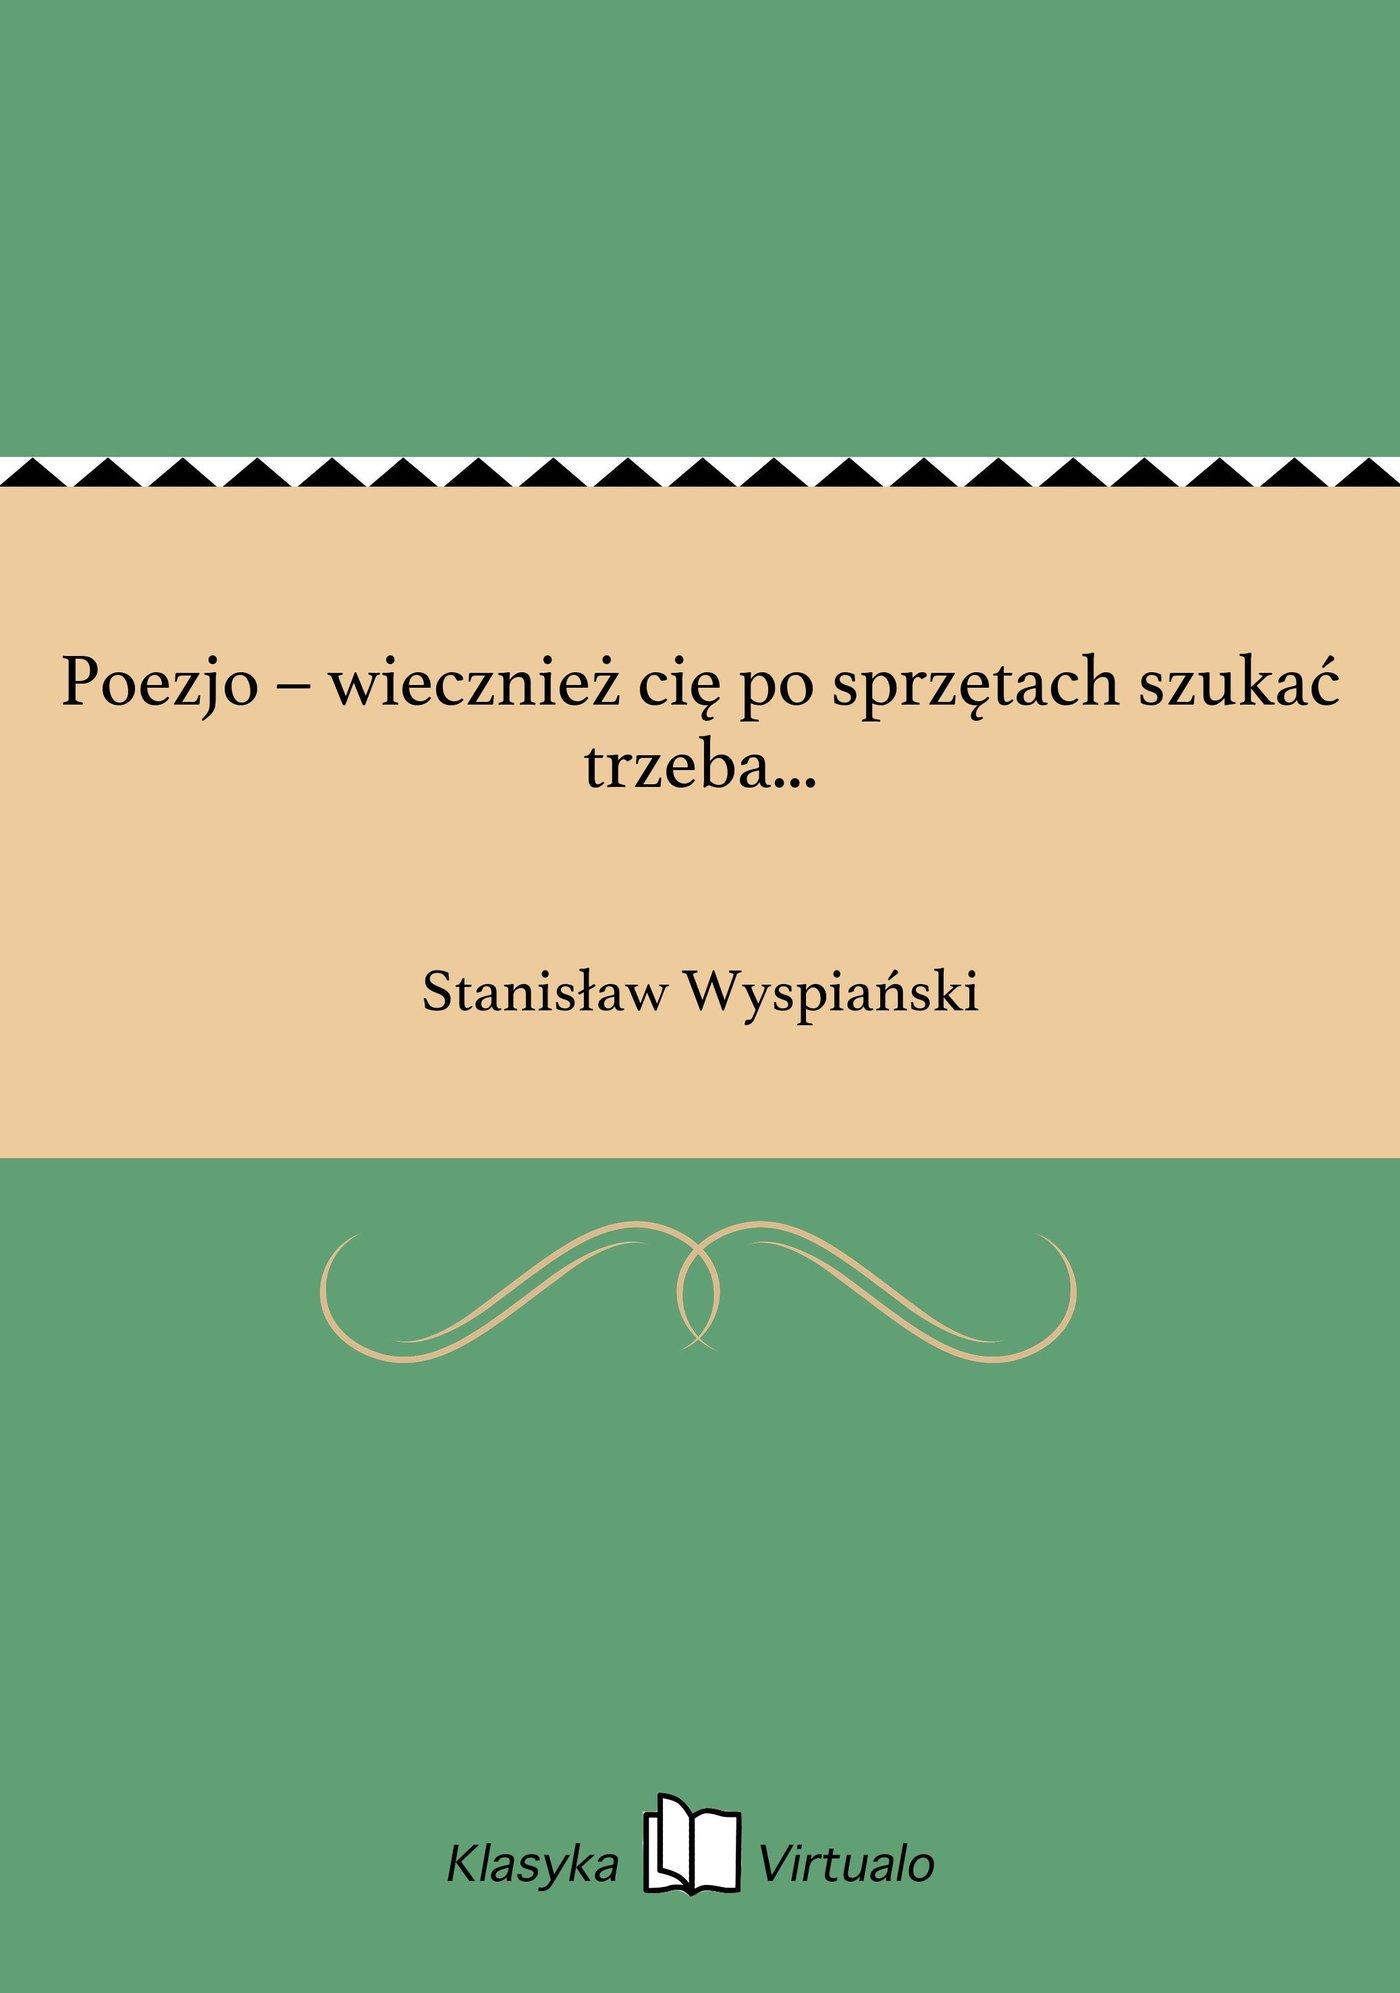 Poezjo – wiecznież cię po sprzętach szukać trzeba... - Ebook (Książka EPUB) do pobrania w formacie EPUB